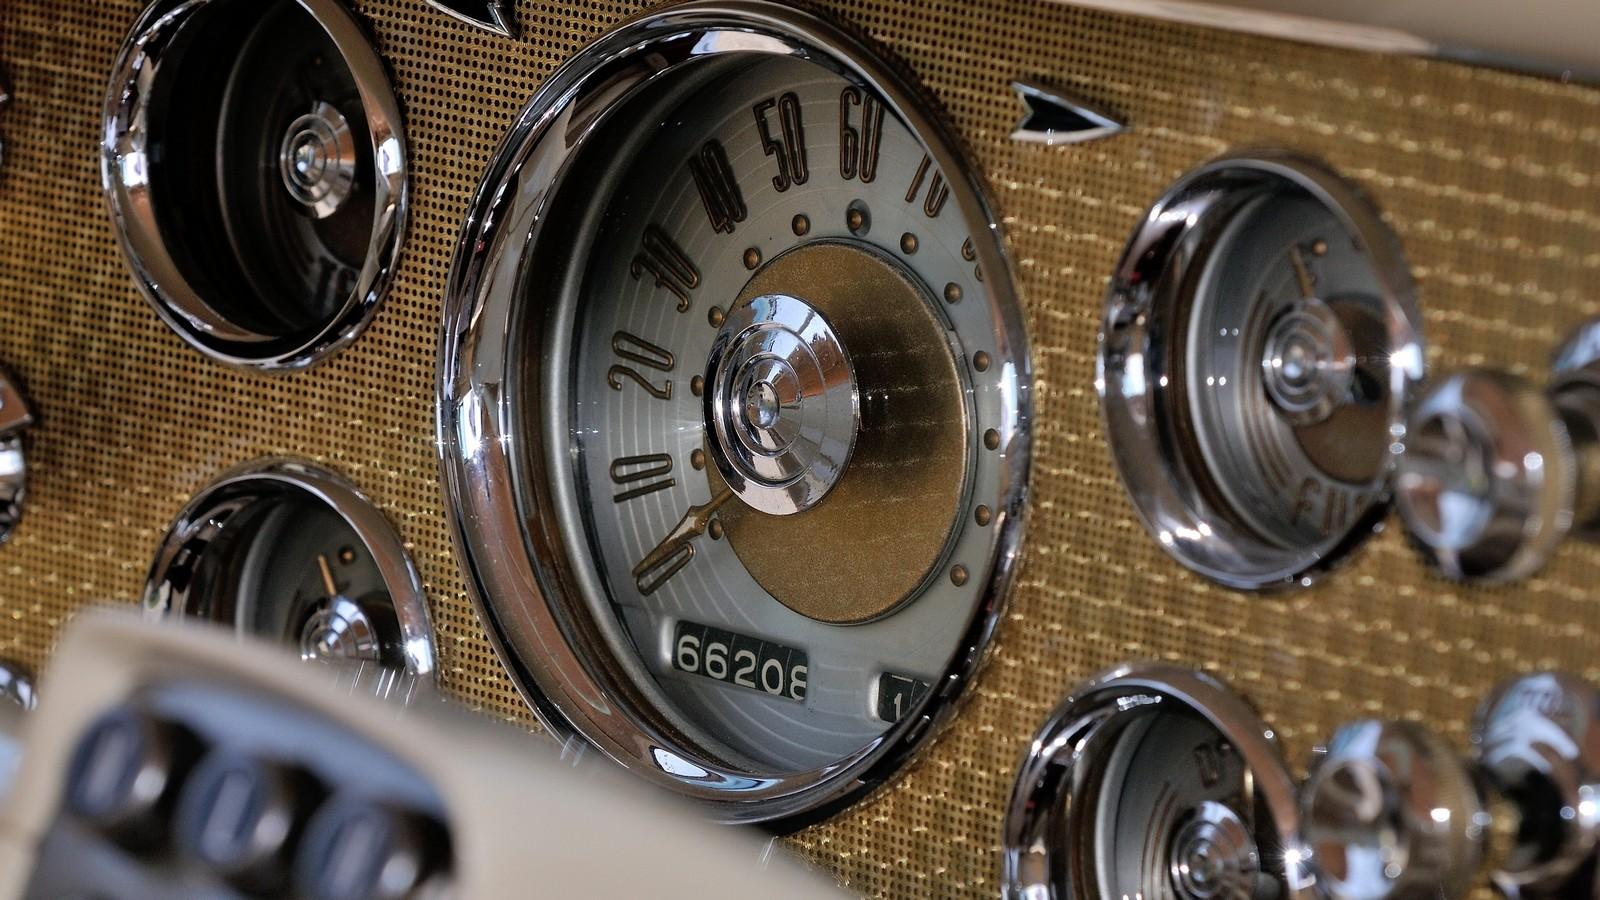 Панель приборов Caribbean с кнопочным селектором автомата: очень, очень похоже на Чайку. Точнее, наоборот.